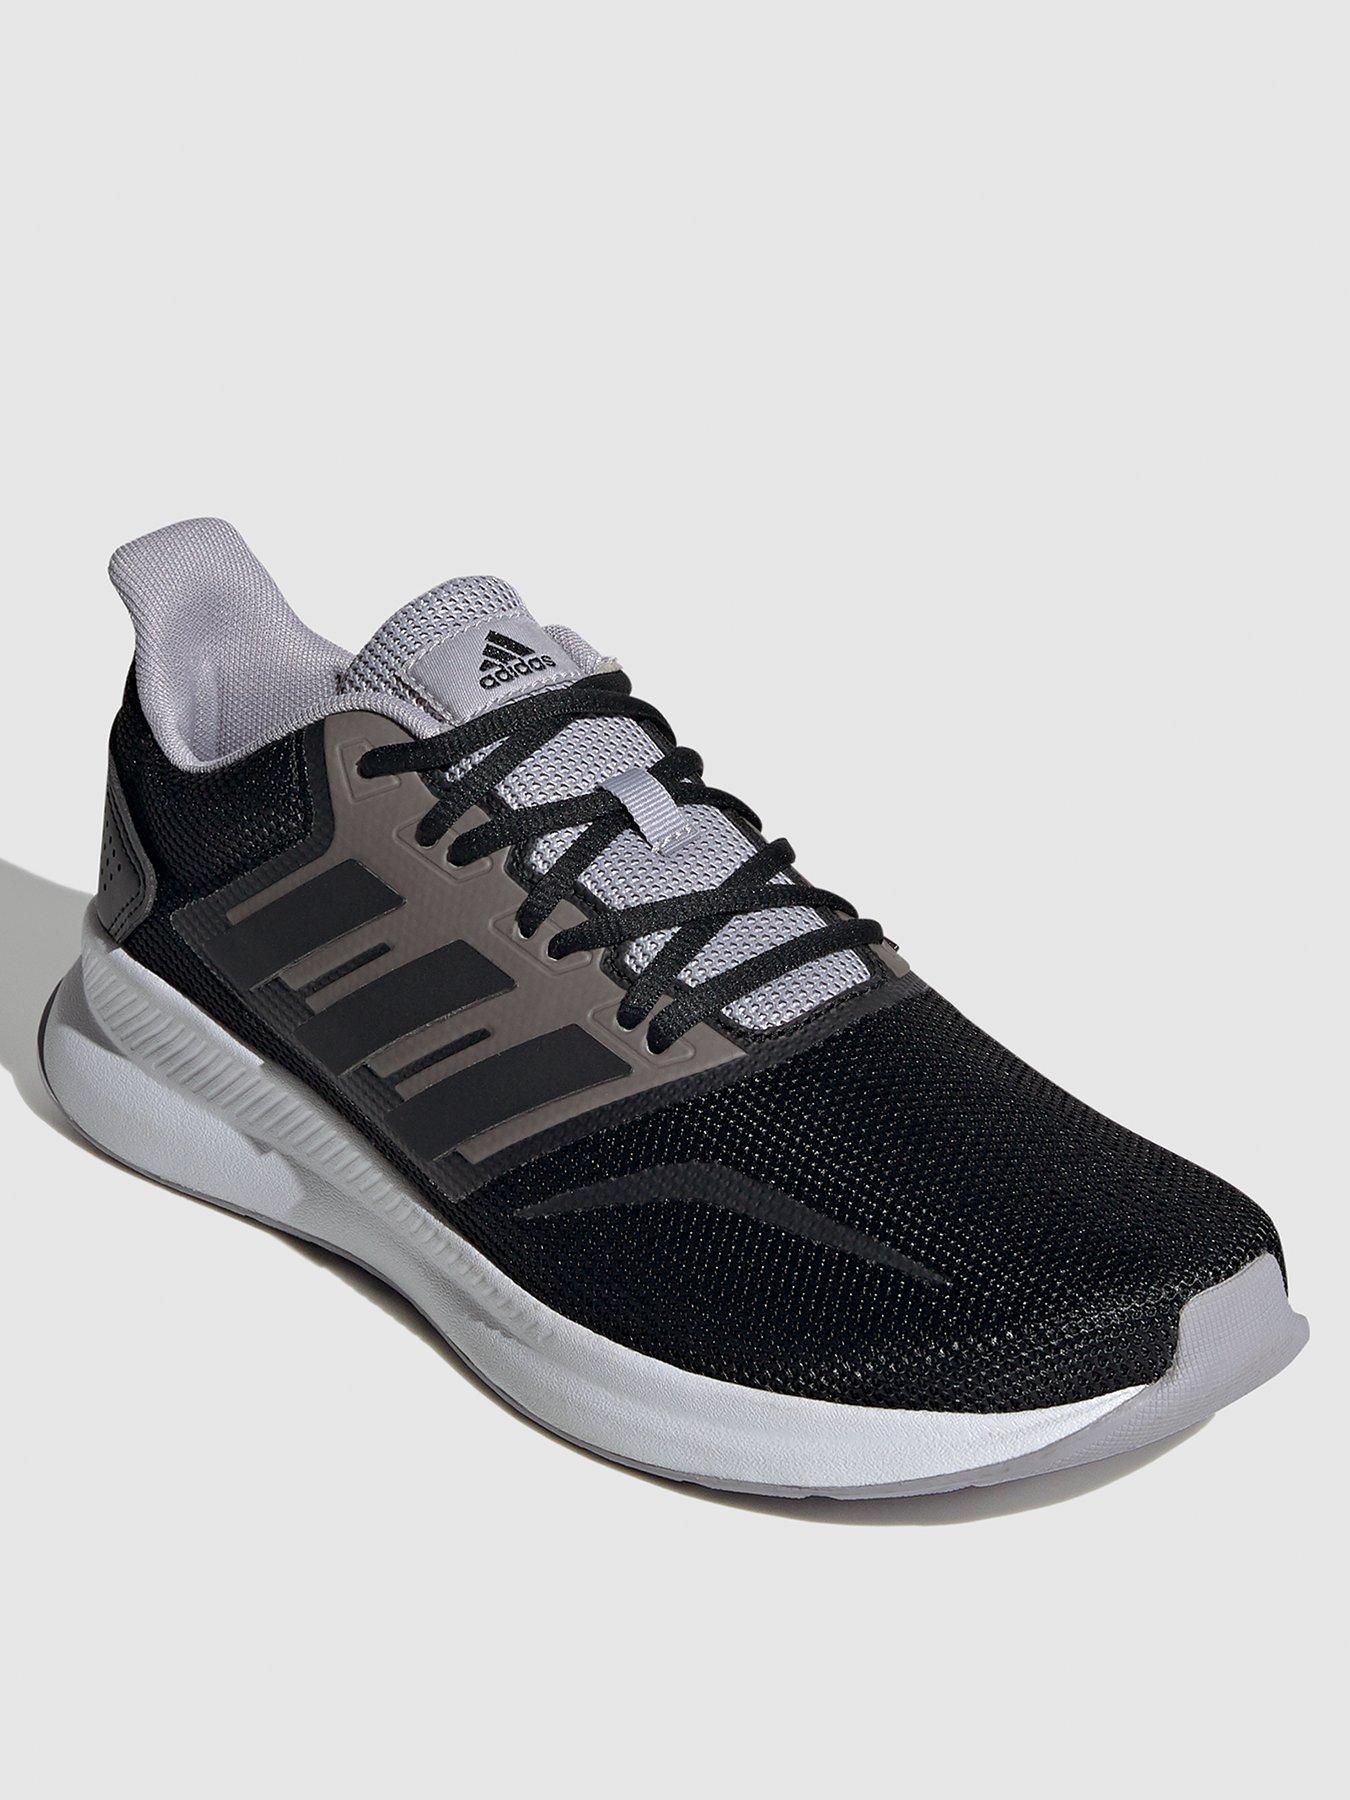 Mens adidas Trainers | adidas Originals